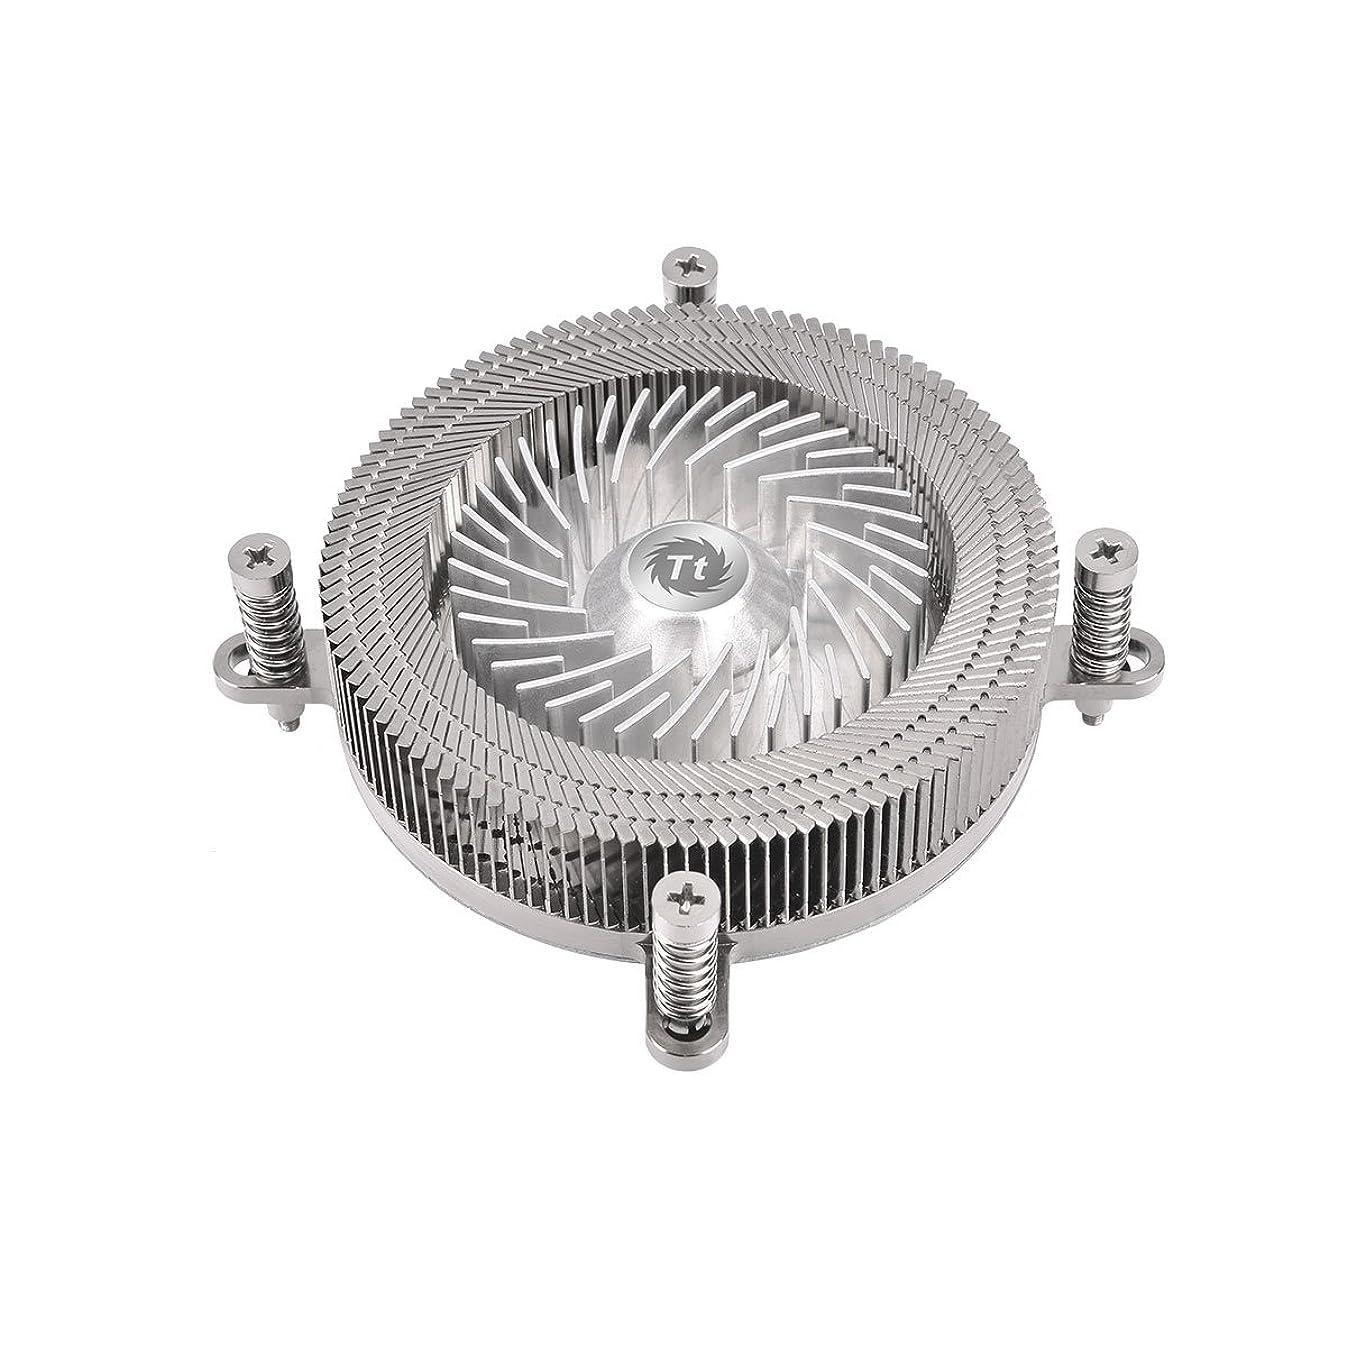 ジョガー不明瞭感嘆Corsair H100i RGB Platinum 水冷一体型 CPUクーラー [Intel/AMD両対応] FN1248 CW-9060039-WW 12 x 3 cm